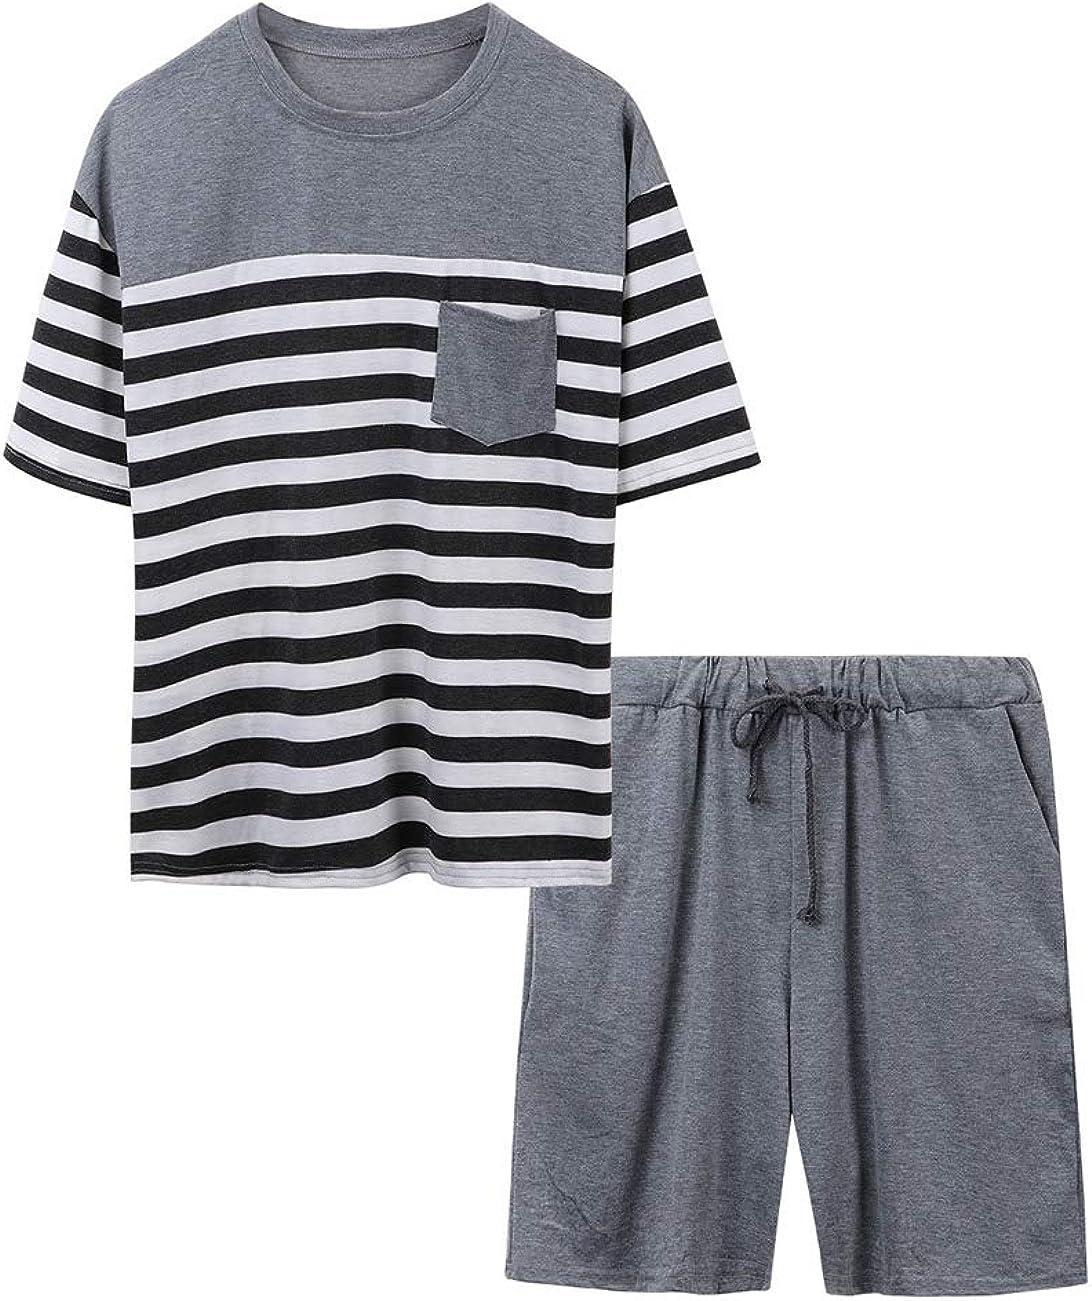 Airymap Ensemble de Pyjama Homme V/êtements Pyjama Homme T-Shirt Manches Courtes Cravate /à Rayures et Short pour Homme Grande Taille Ensemble de Literie Deux Parties